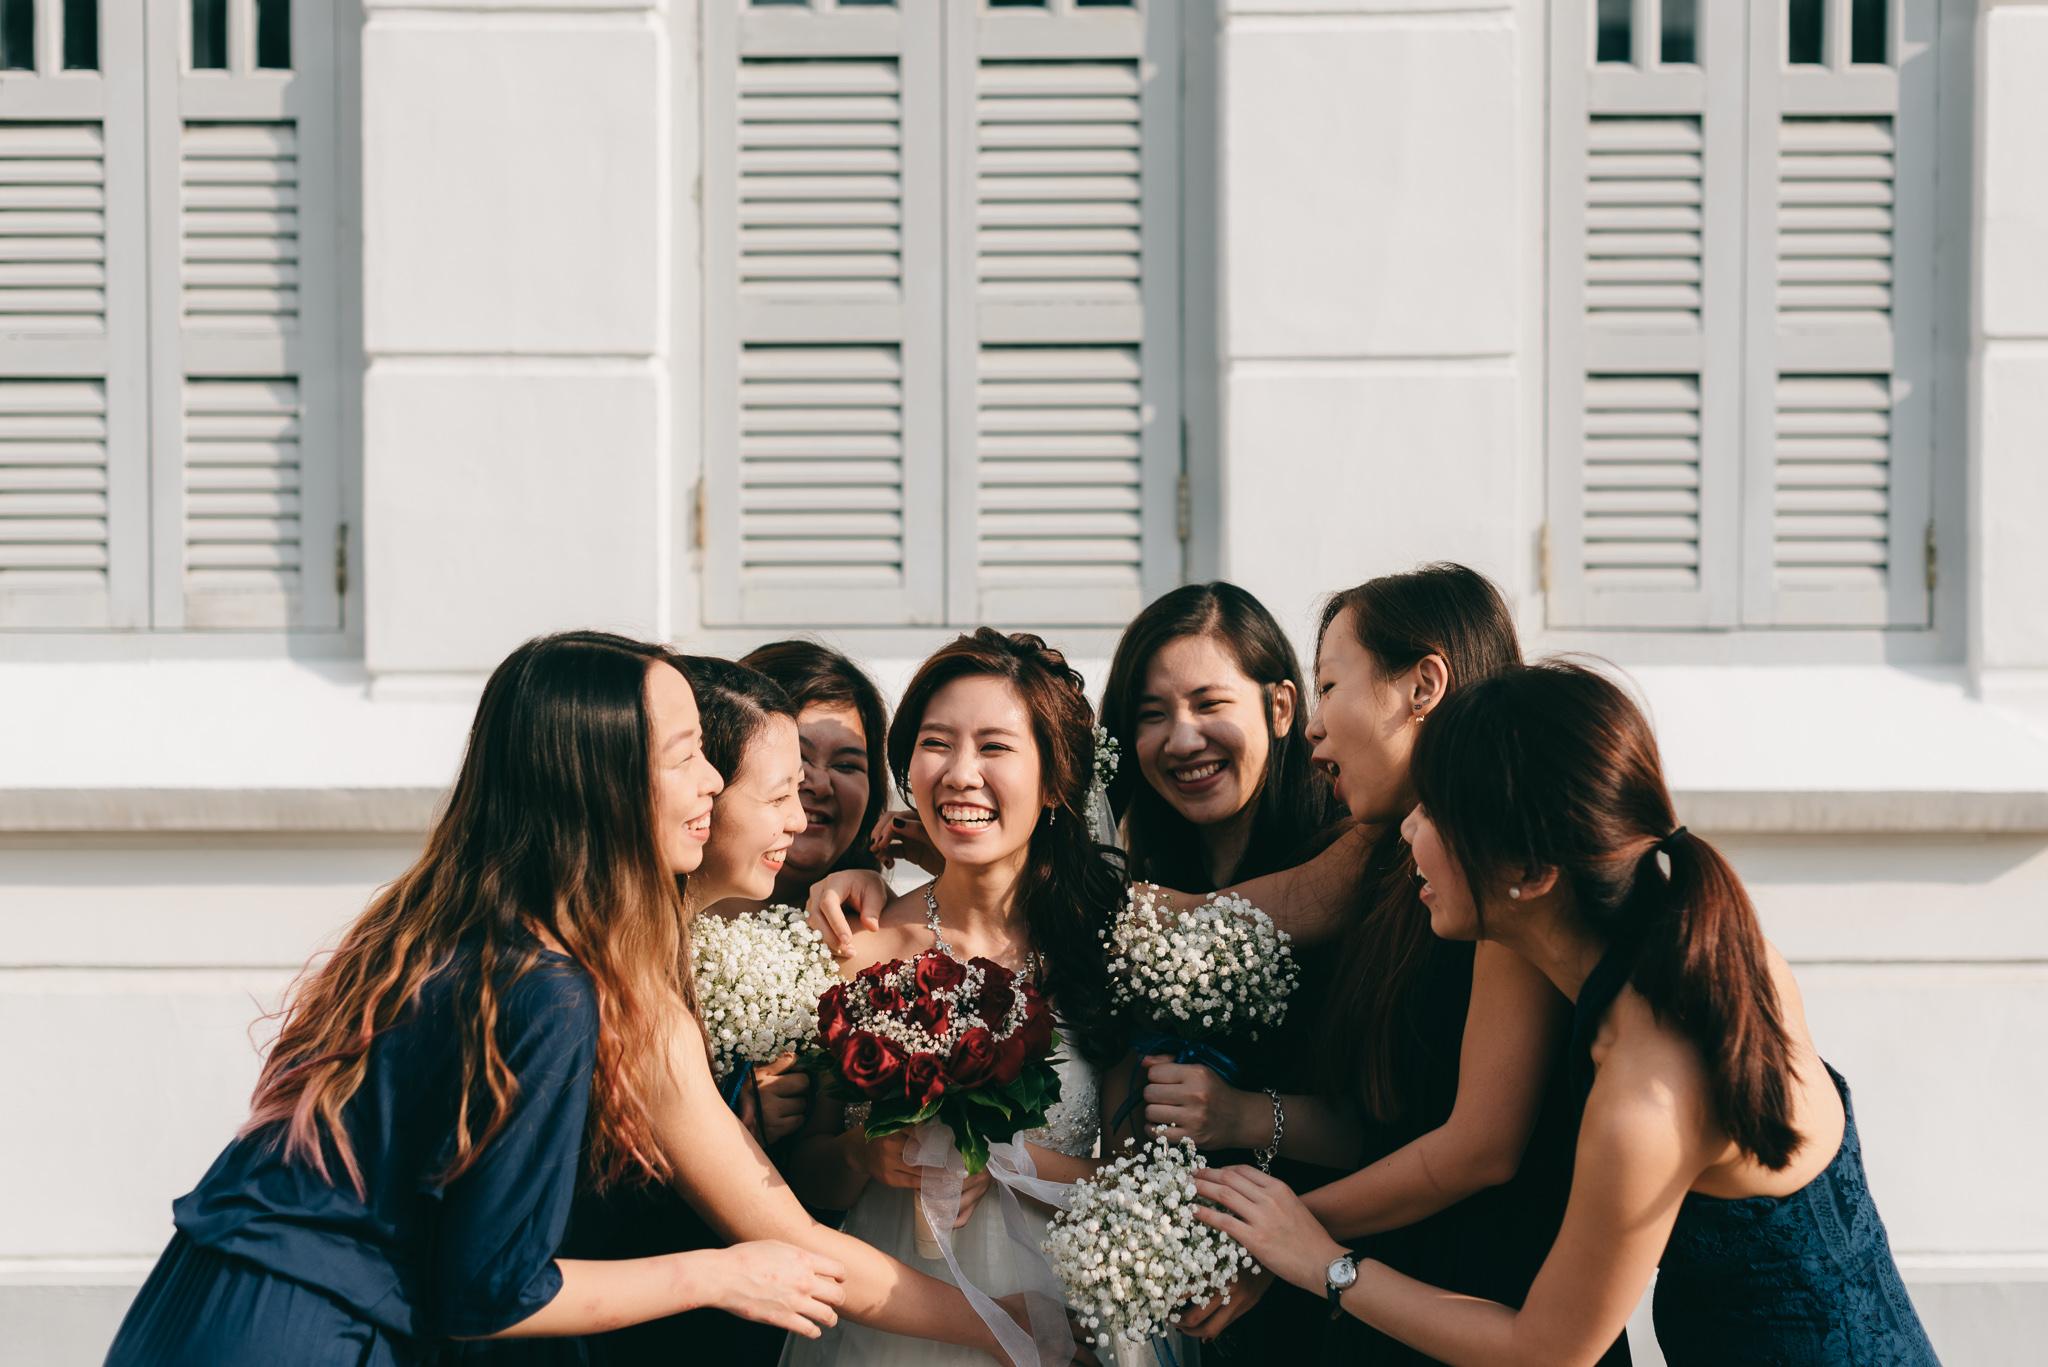 Lionel & Karen Wedding Day Highlights (resized for sharing) - 004.jpg